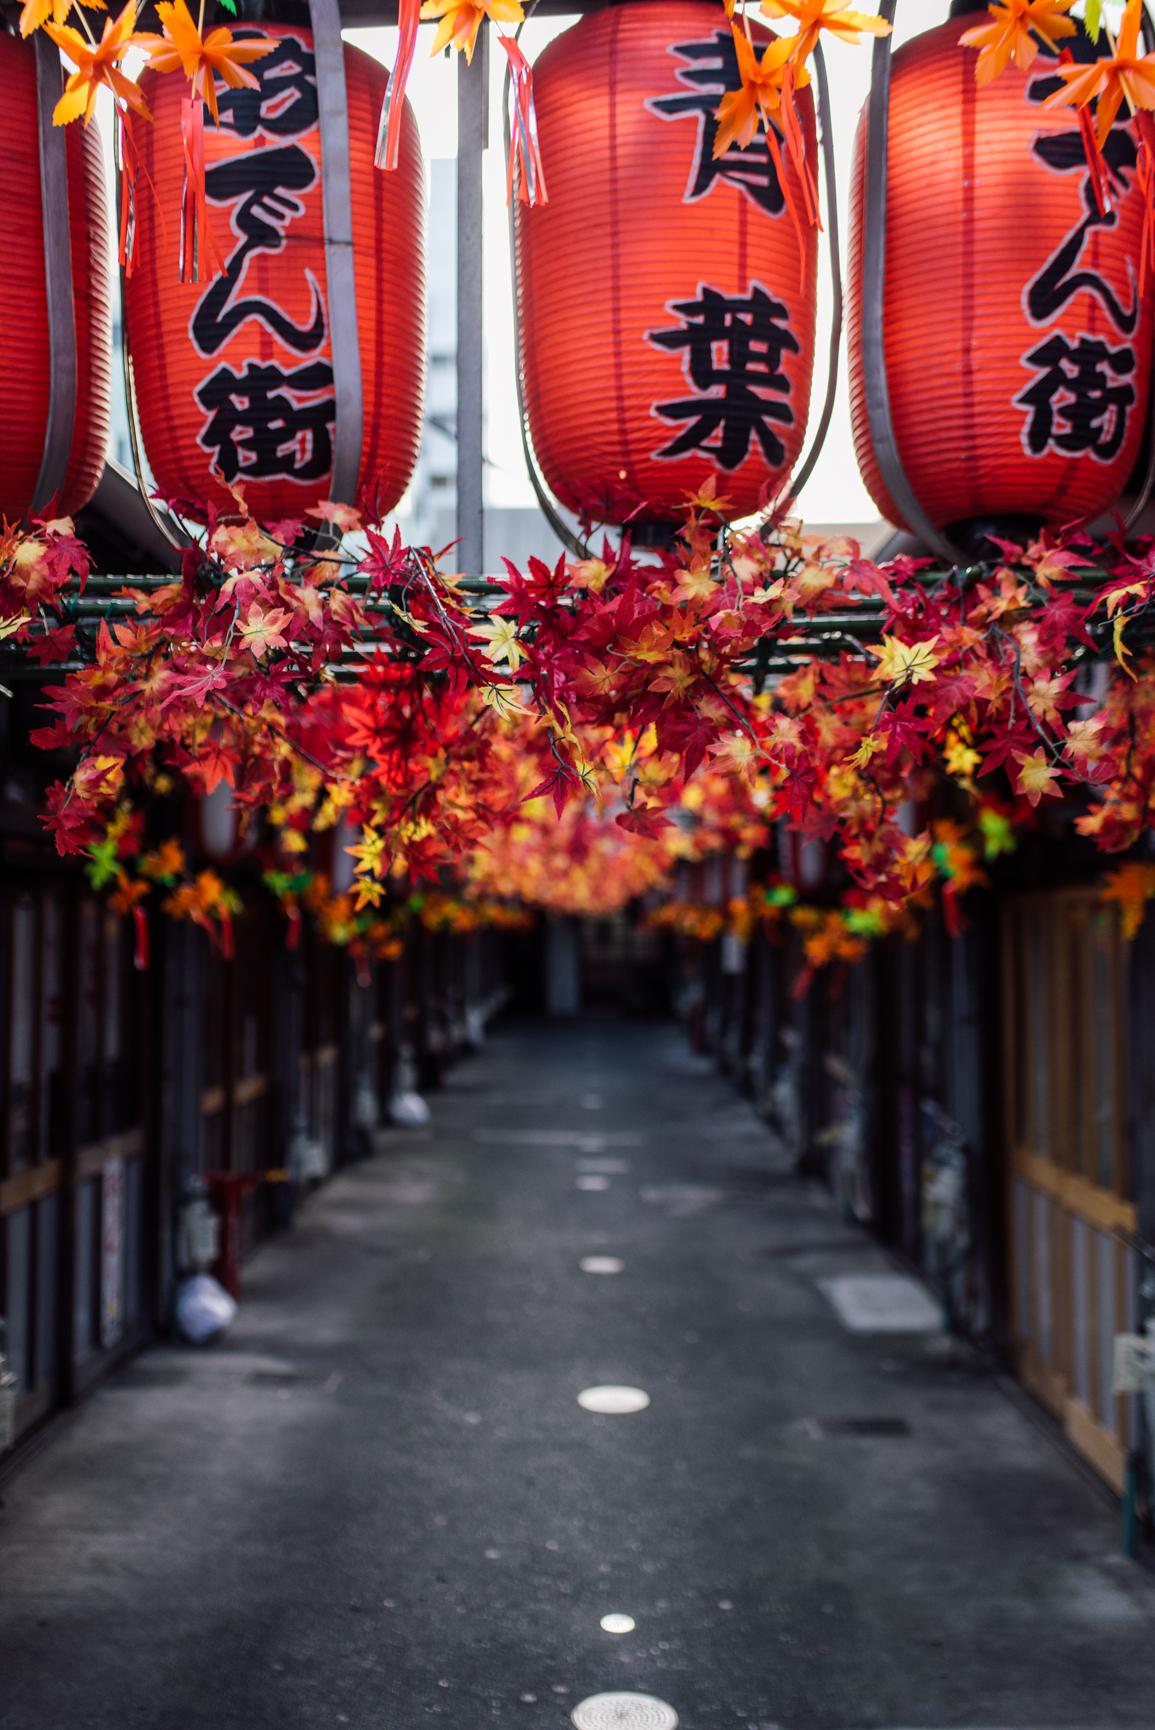 161113-Japan-5003207-071423-9509.jpg